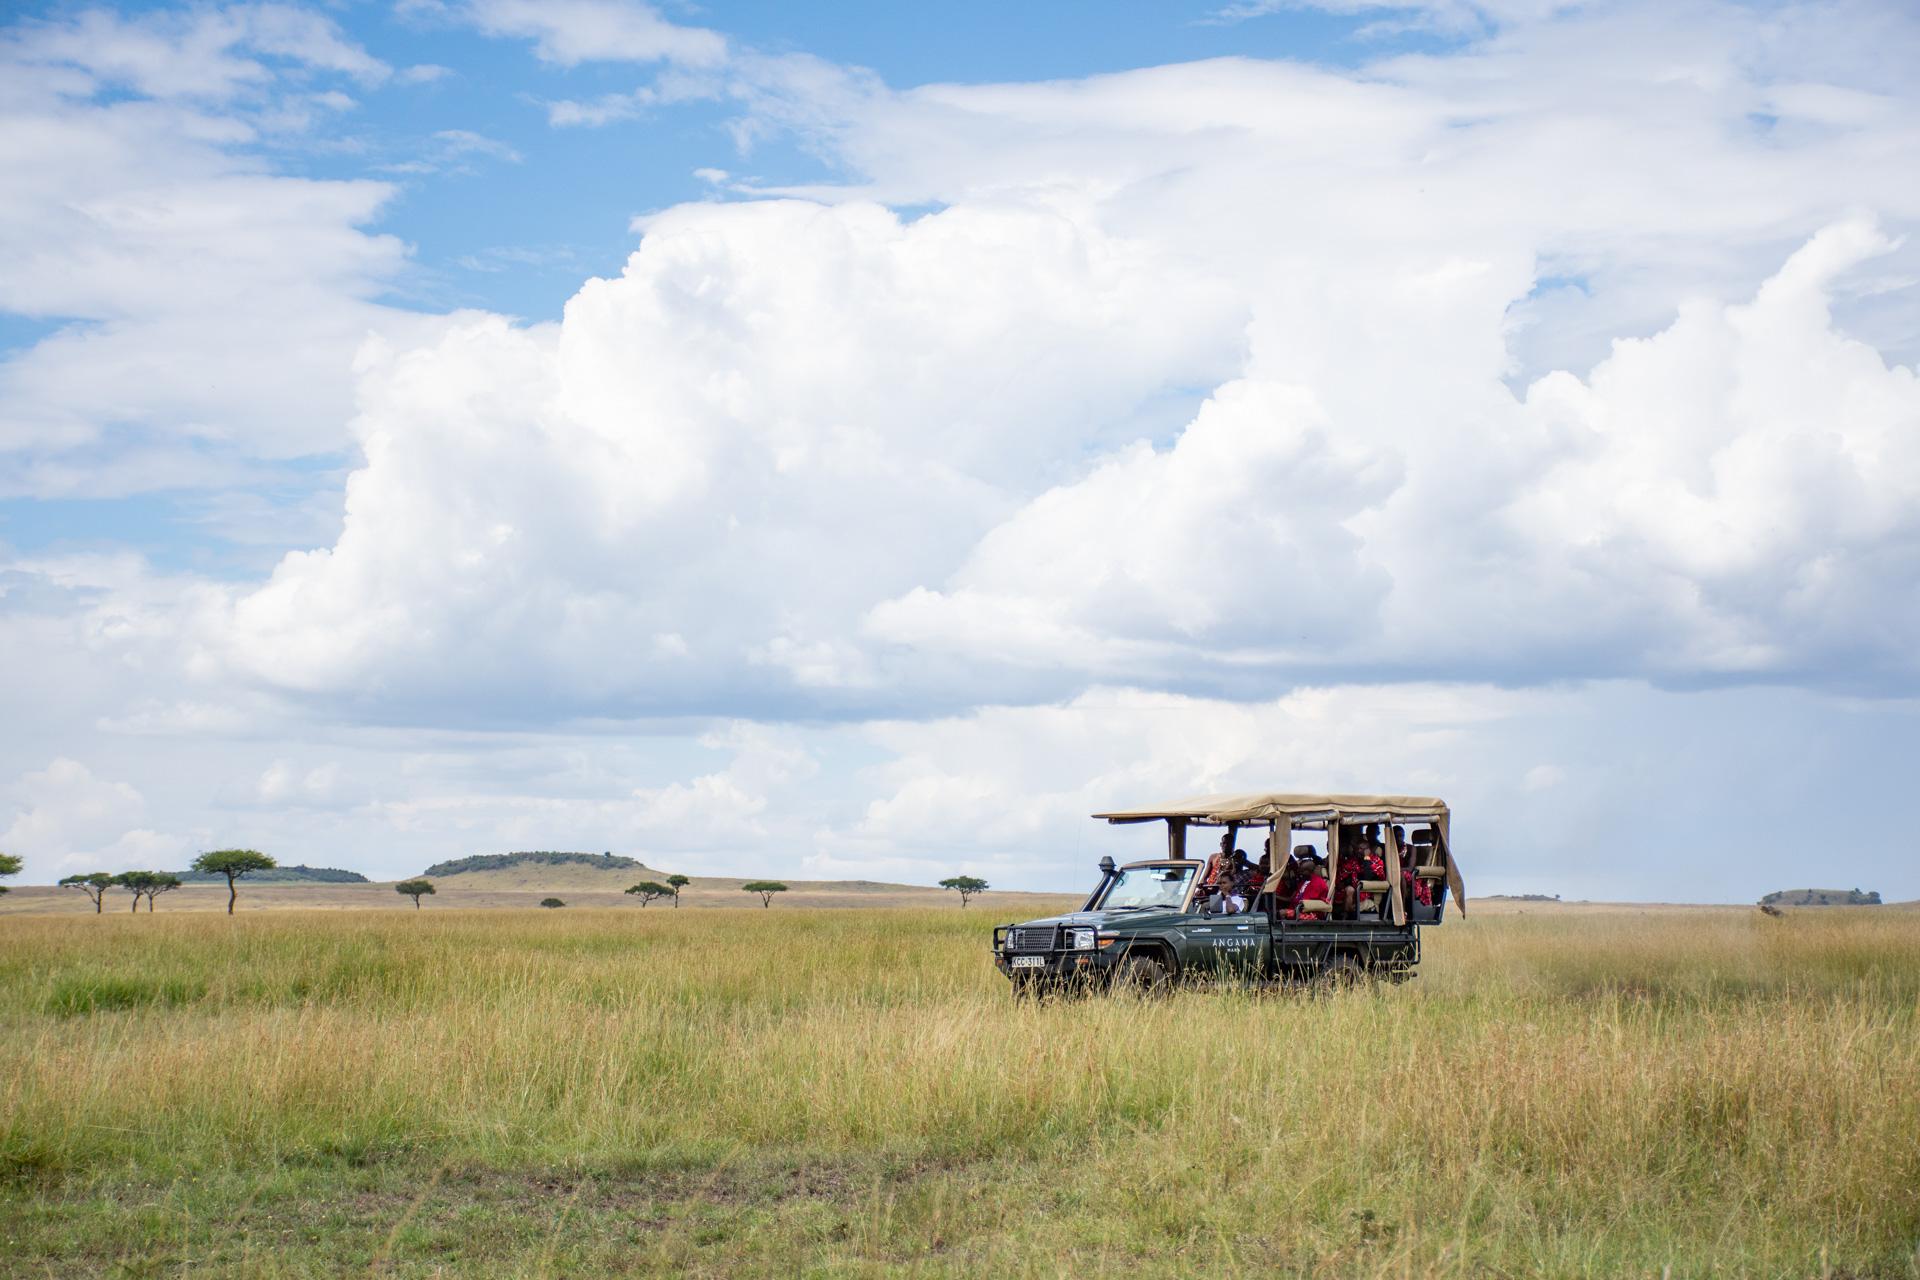 Angama Safari vehicle on the mara